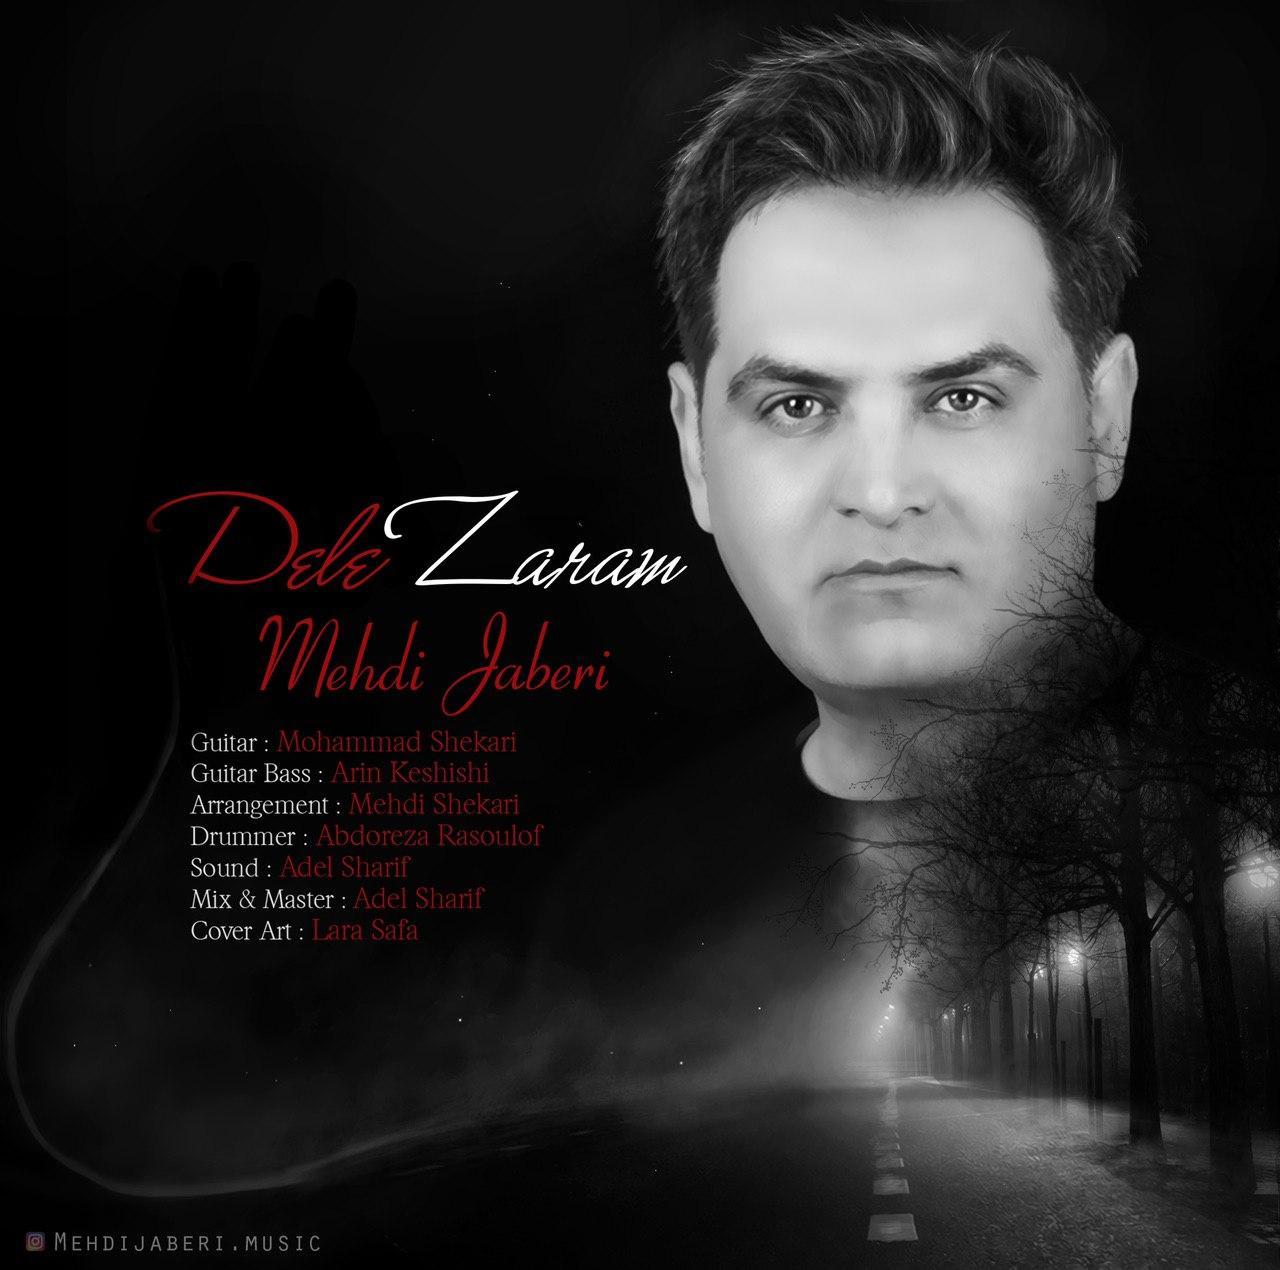 Mehdi Jaberi – Dele Zaram